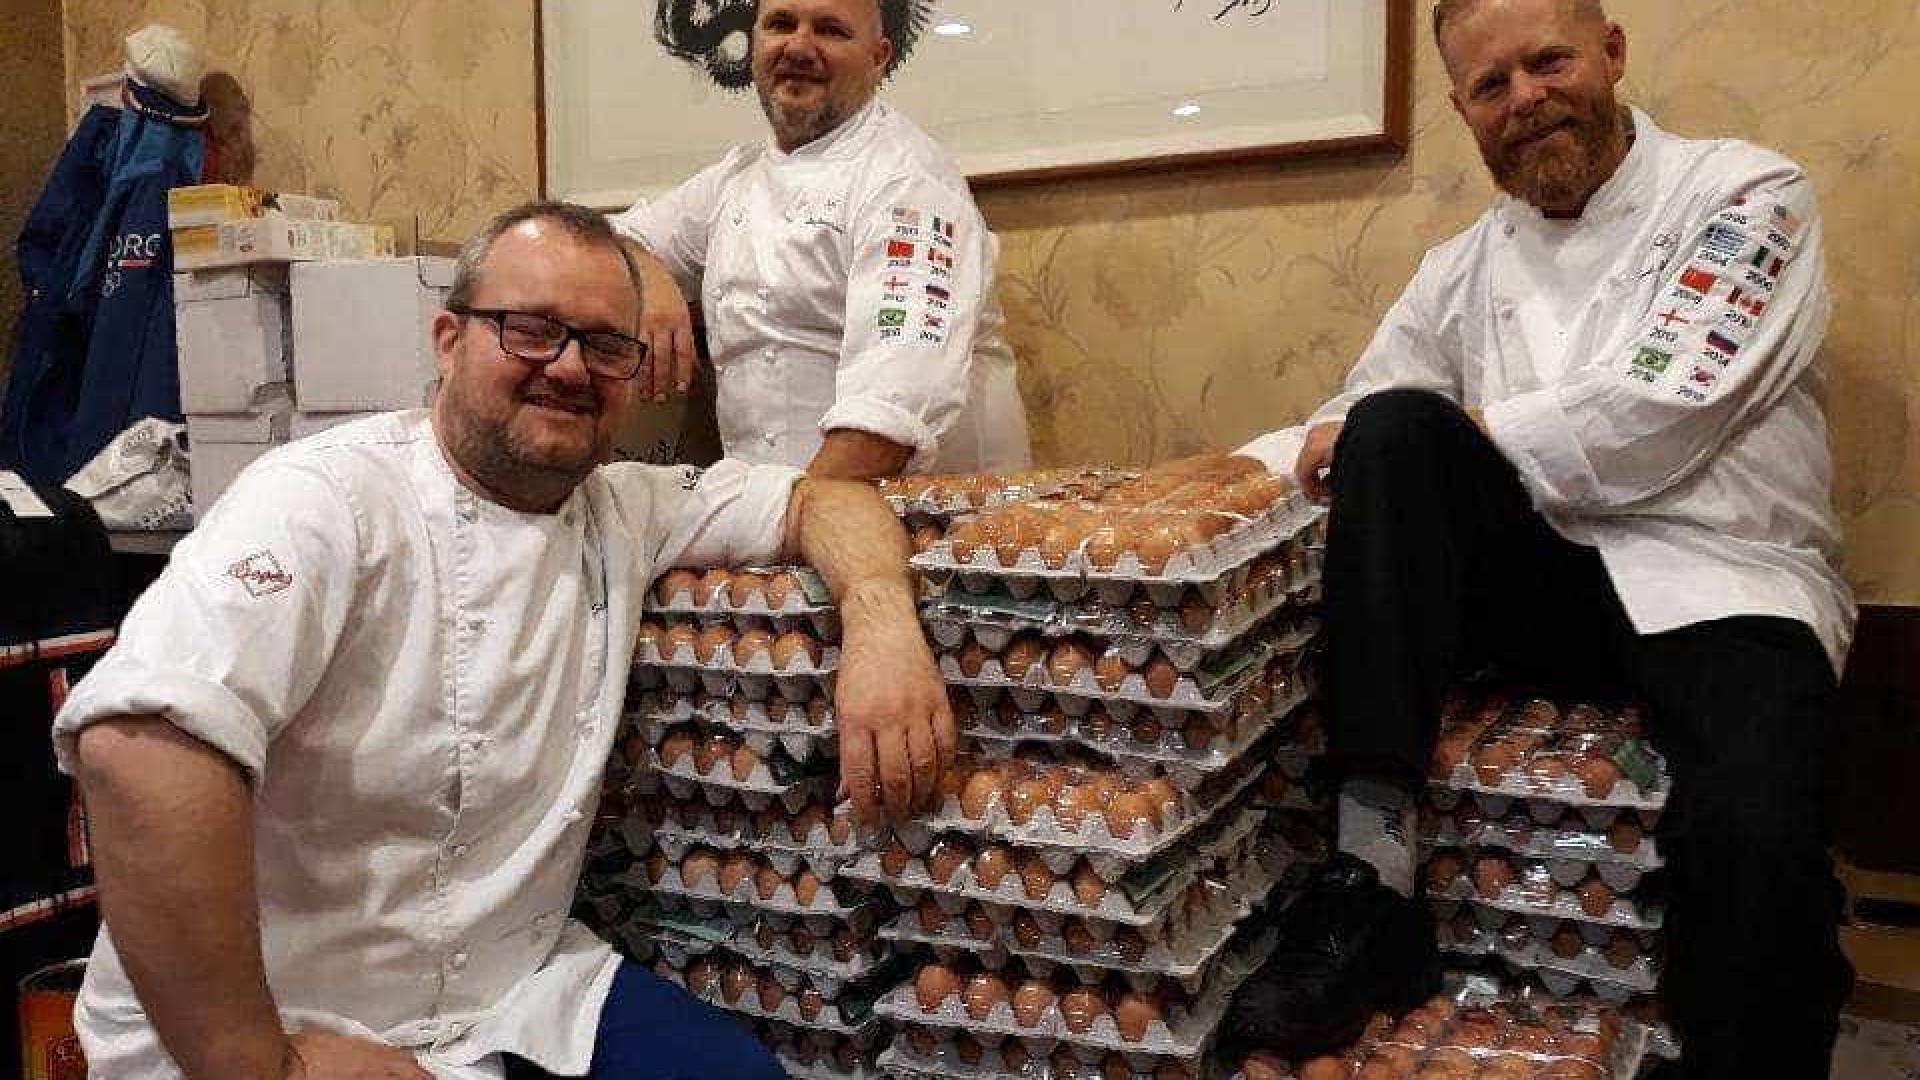 Erro no Google Tradutor faz delegação da Noruega receber 15 mil ovos